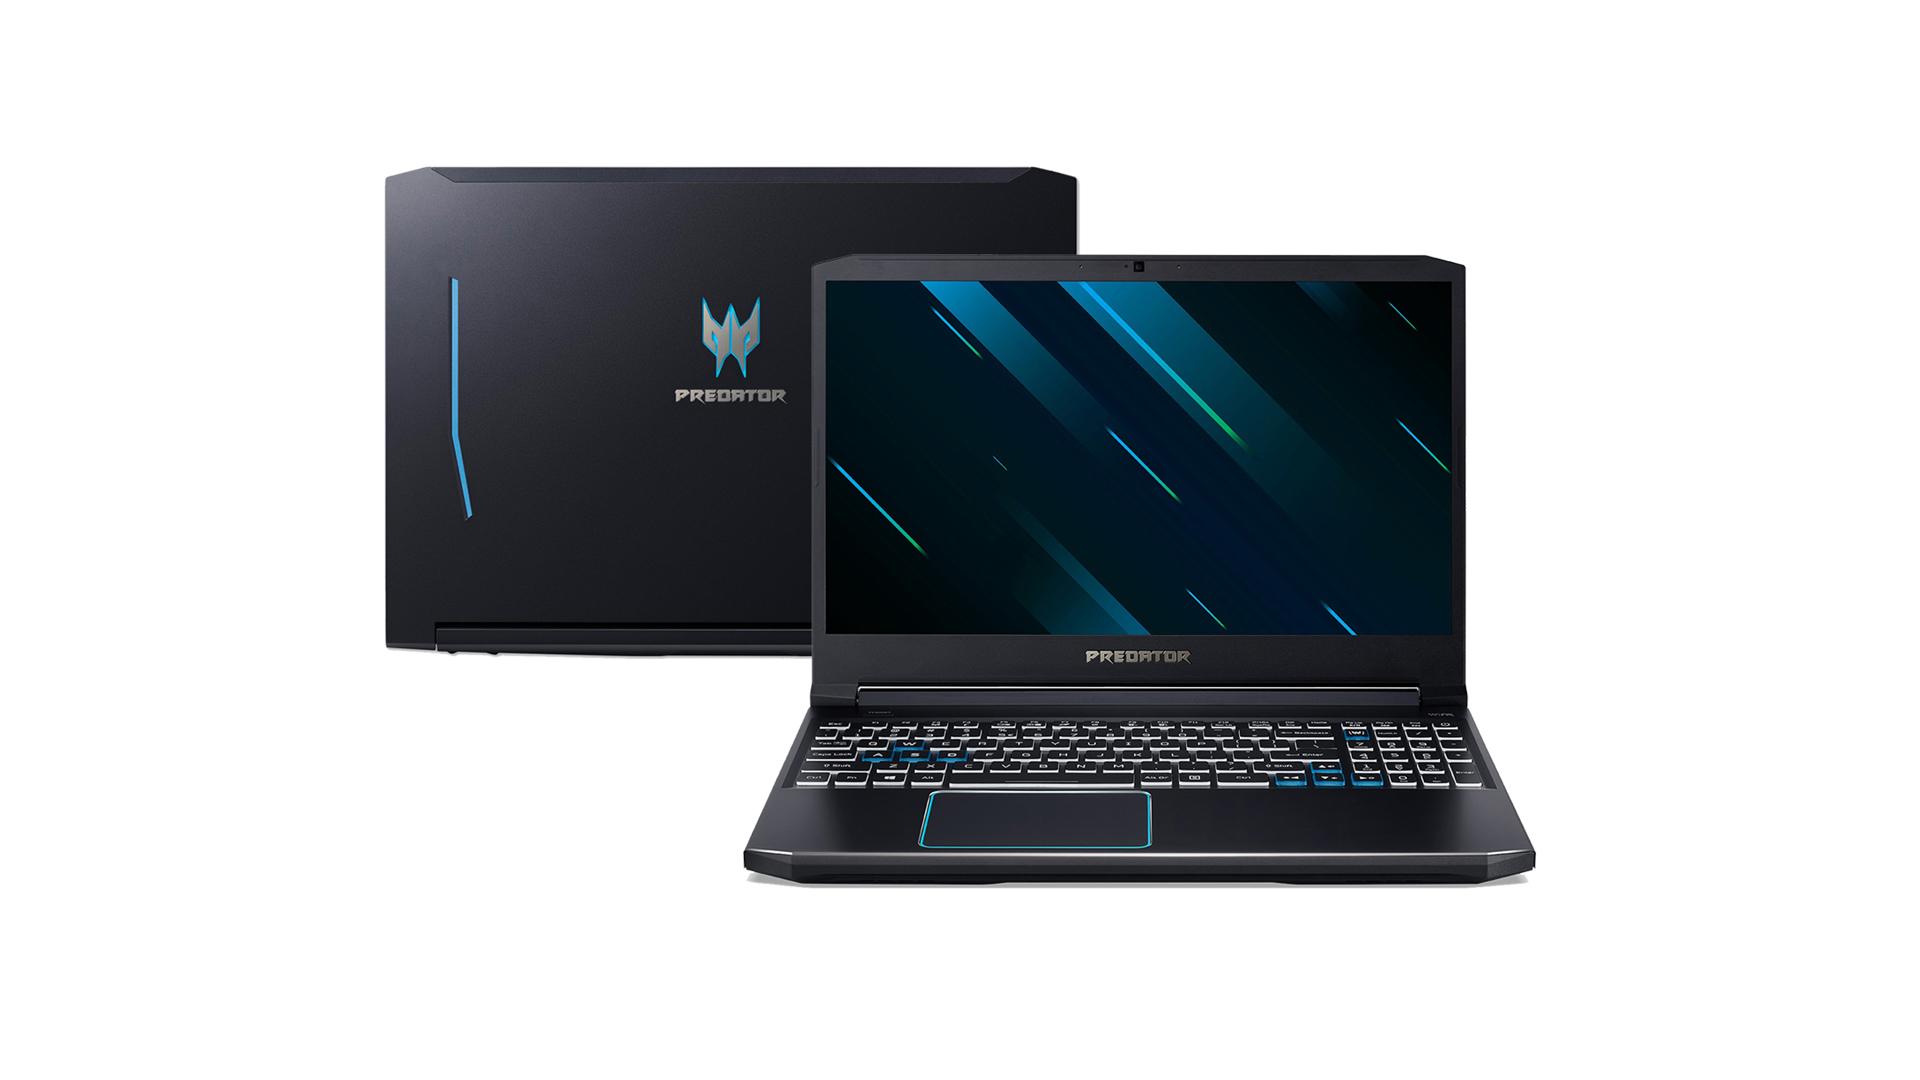 O Predator Helios 300, da Acer, é um dos notebooks gamer mais poderosos atualmente. (Foto: Divulgação/Acer)